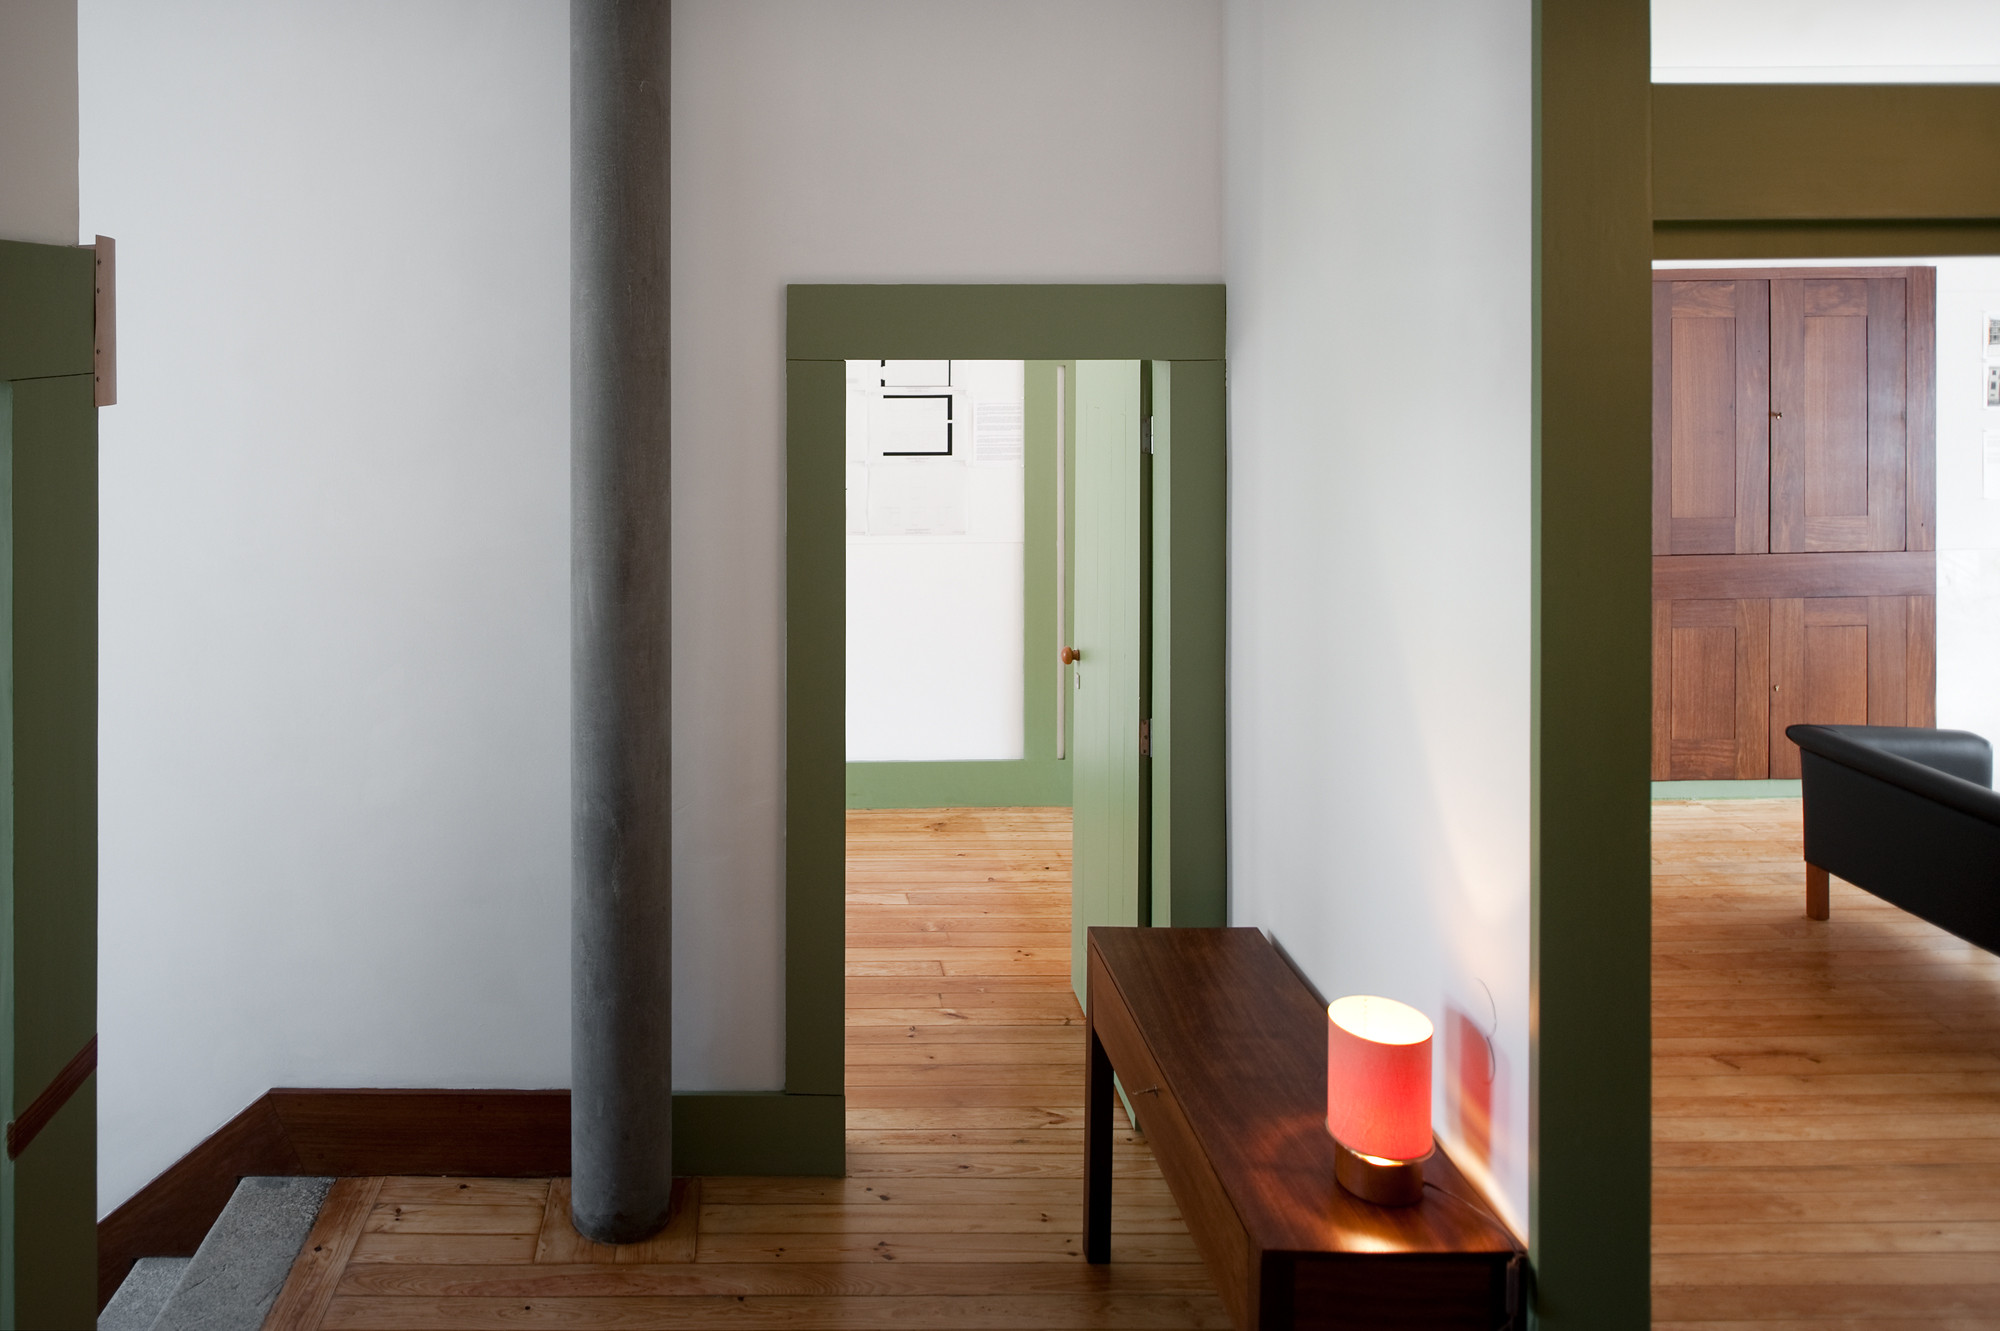 Casa em Roberto Ivens  - 1961–2009. Image © Fernando Guerra | FG+SG